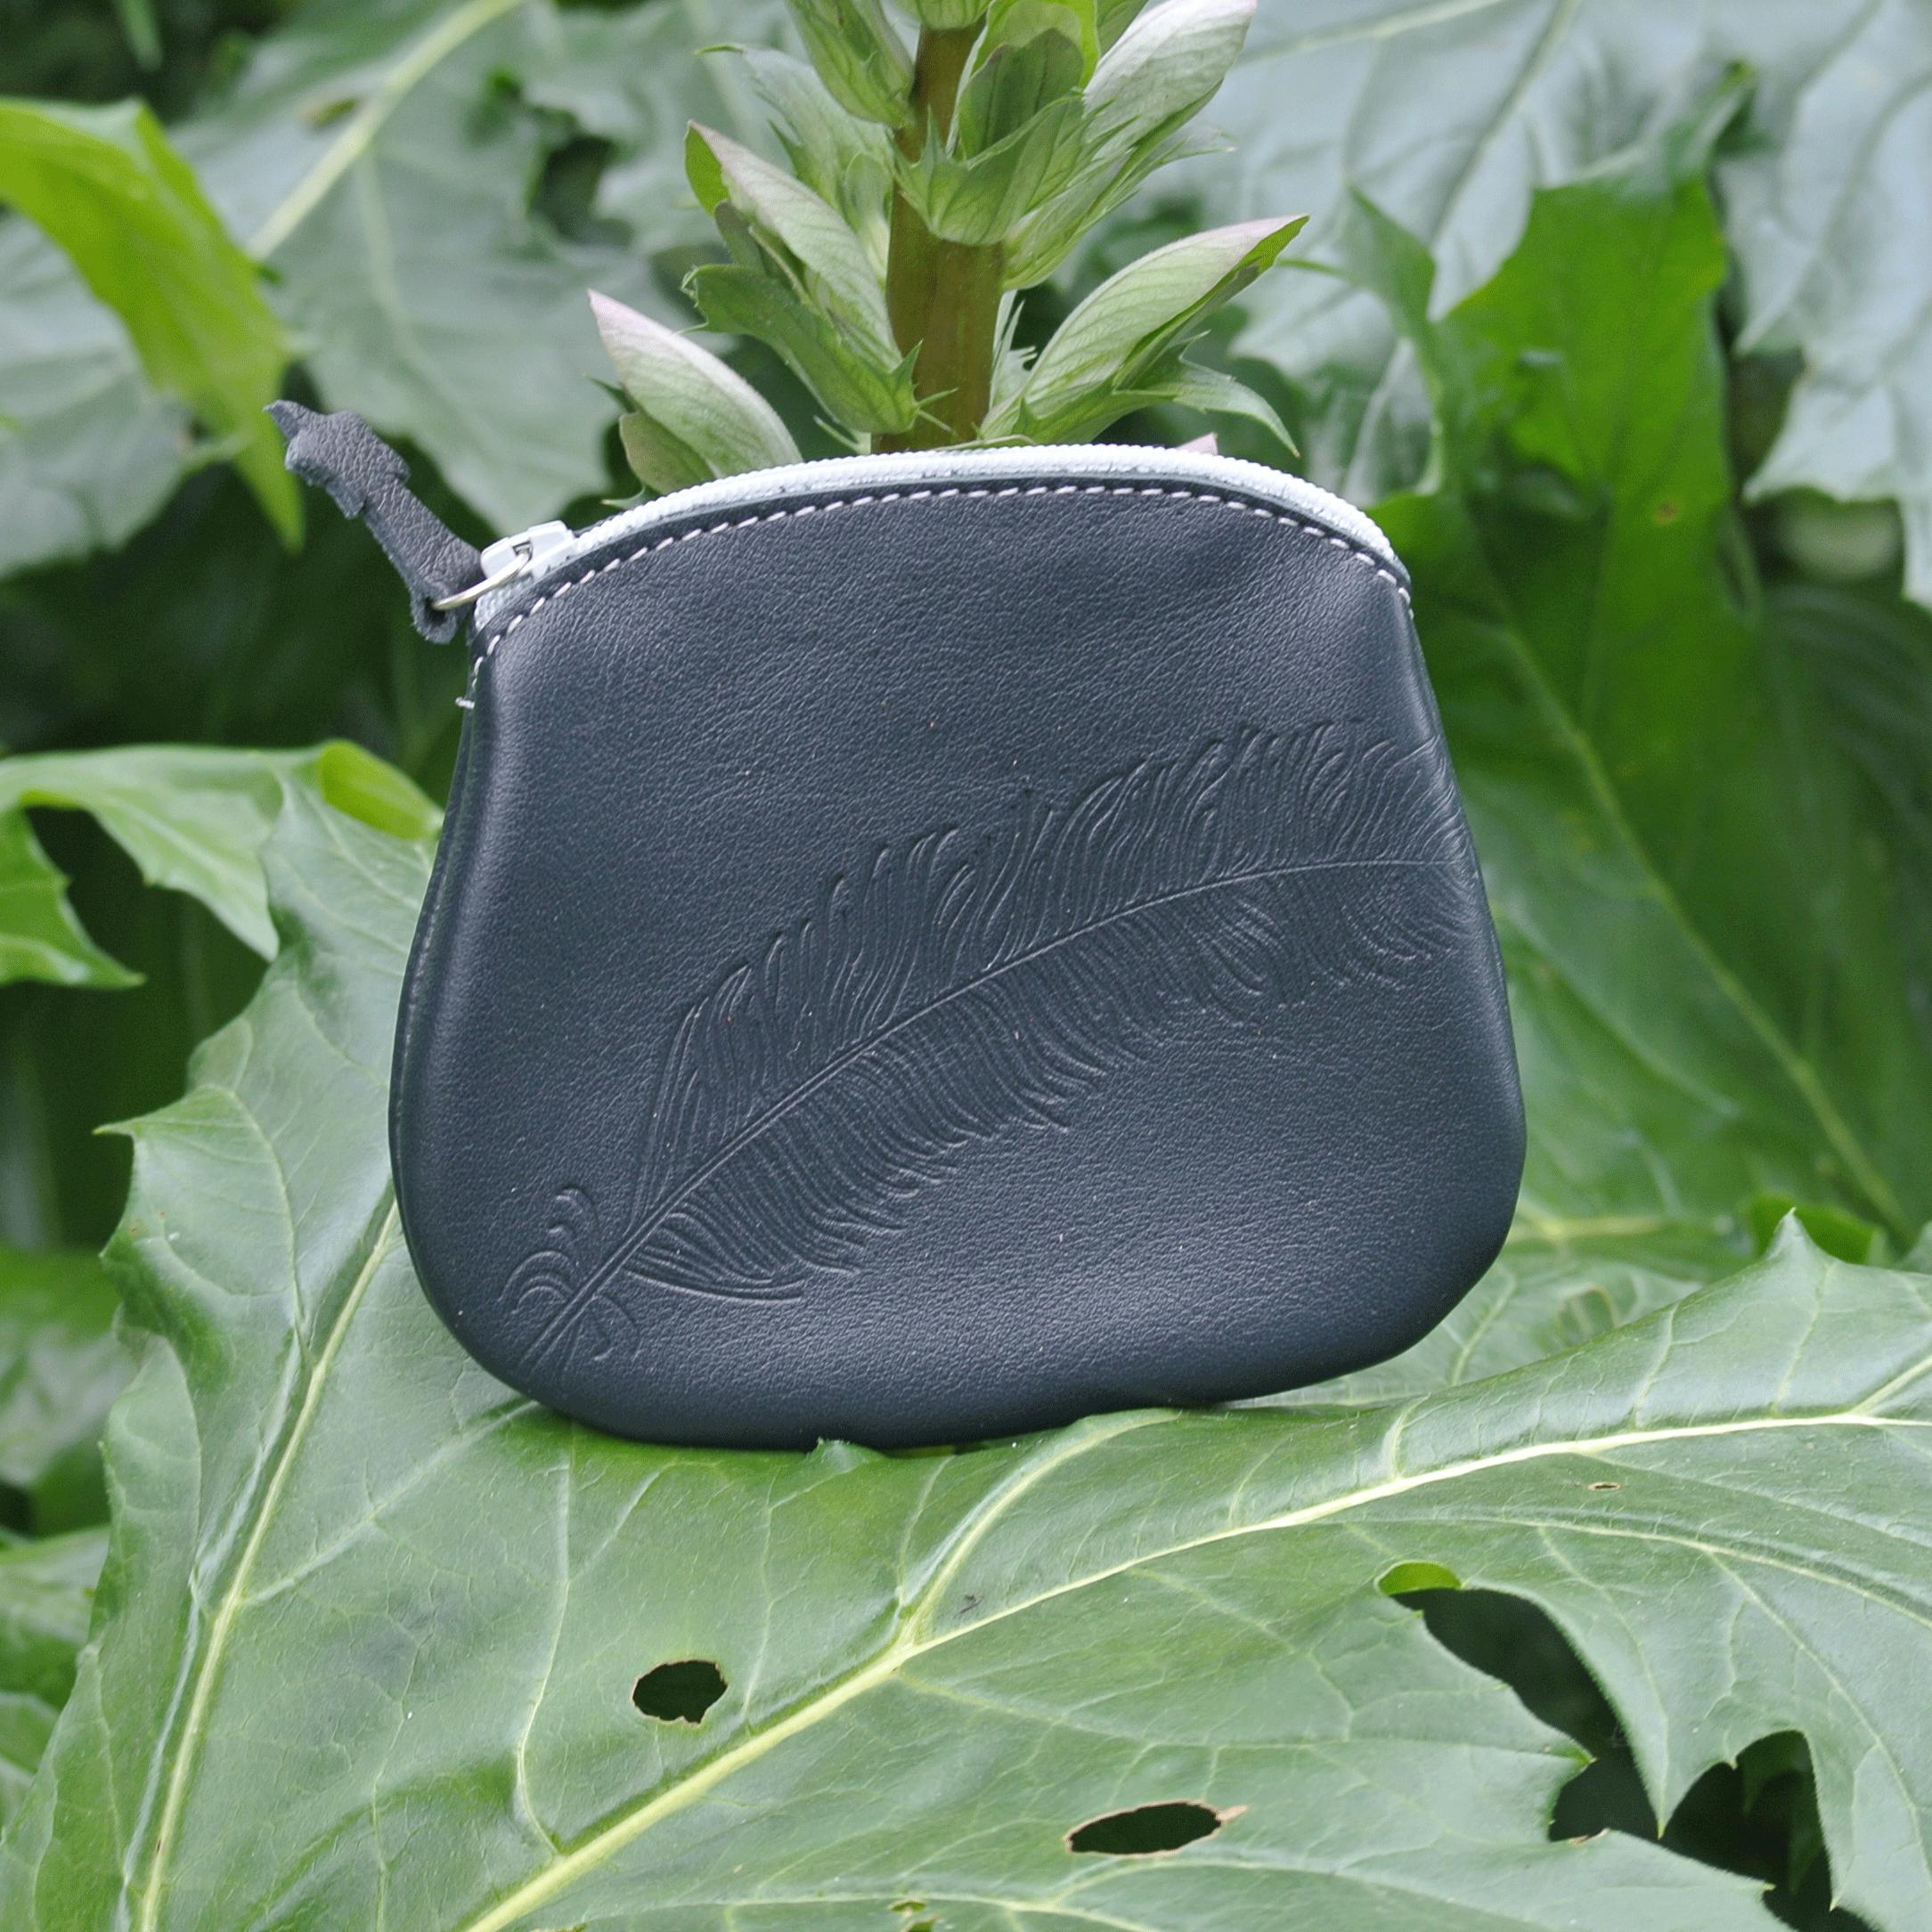 cuirs-fantaisies-la-cartabliere-fabrique-en-france-porte-monnaie-plume-panache-en-cuir-nappa-noir